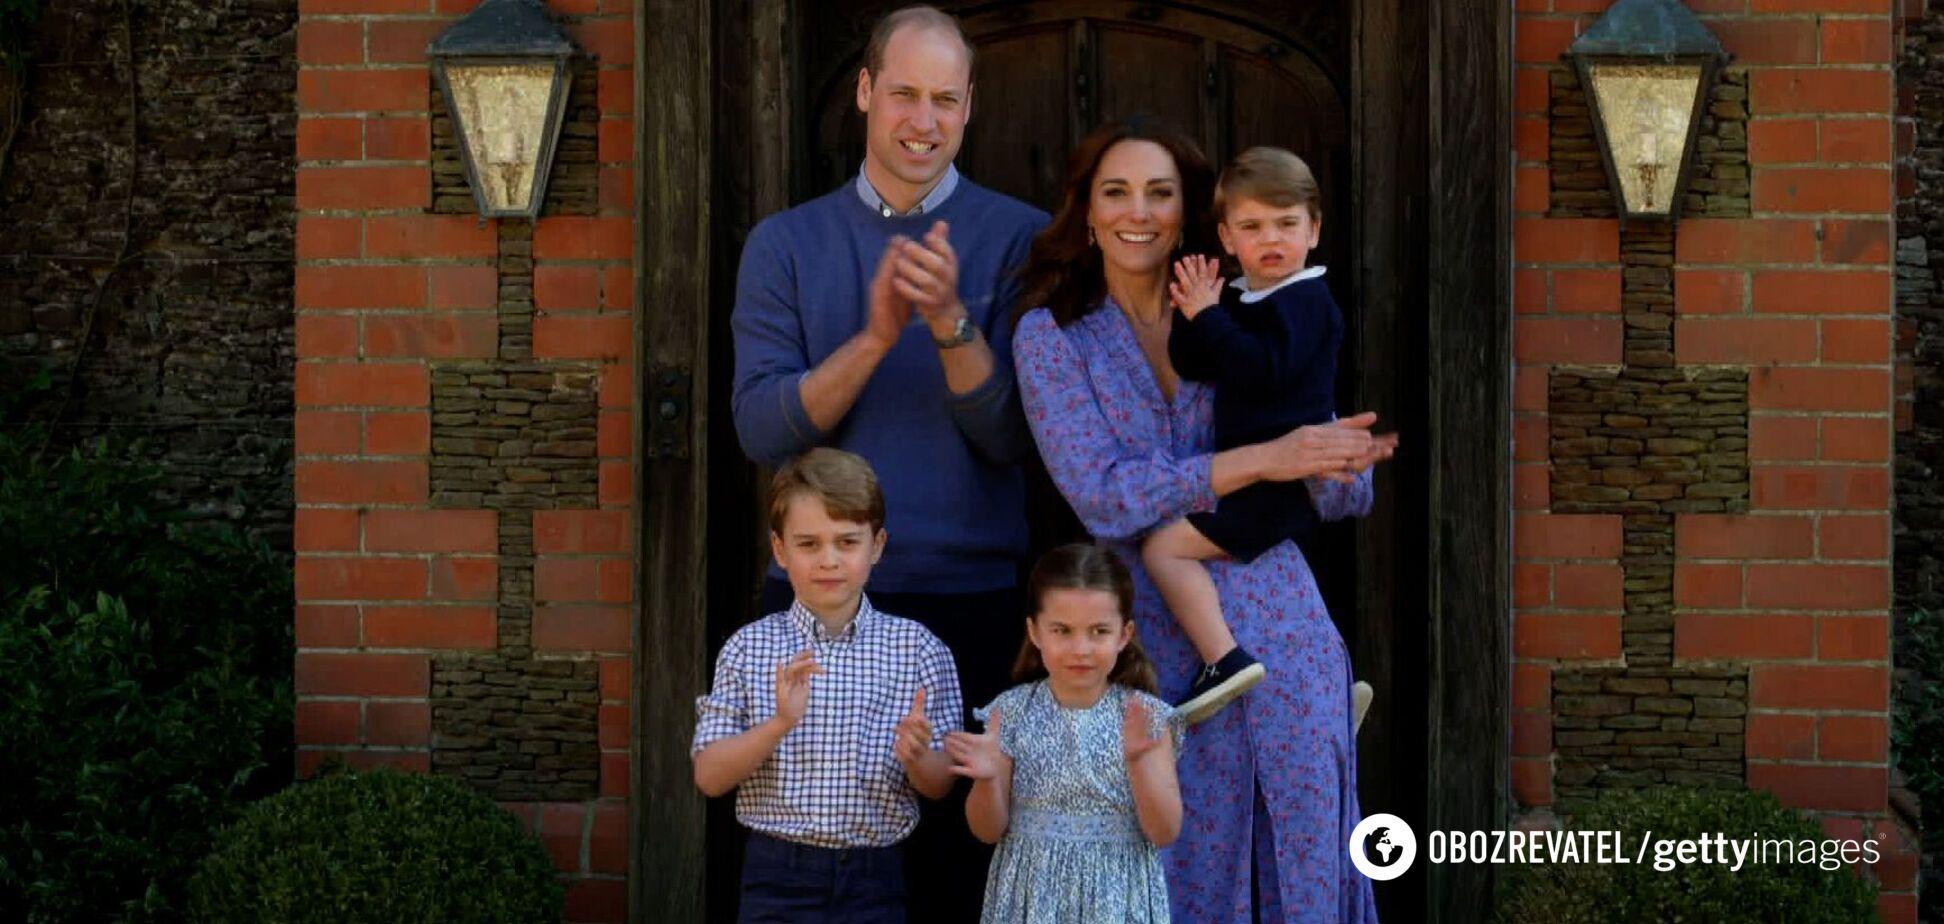 Кейт Миддлтон показала подросшего принца Луи в честь его дня рождения